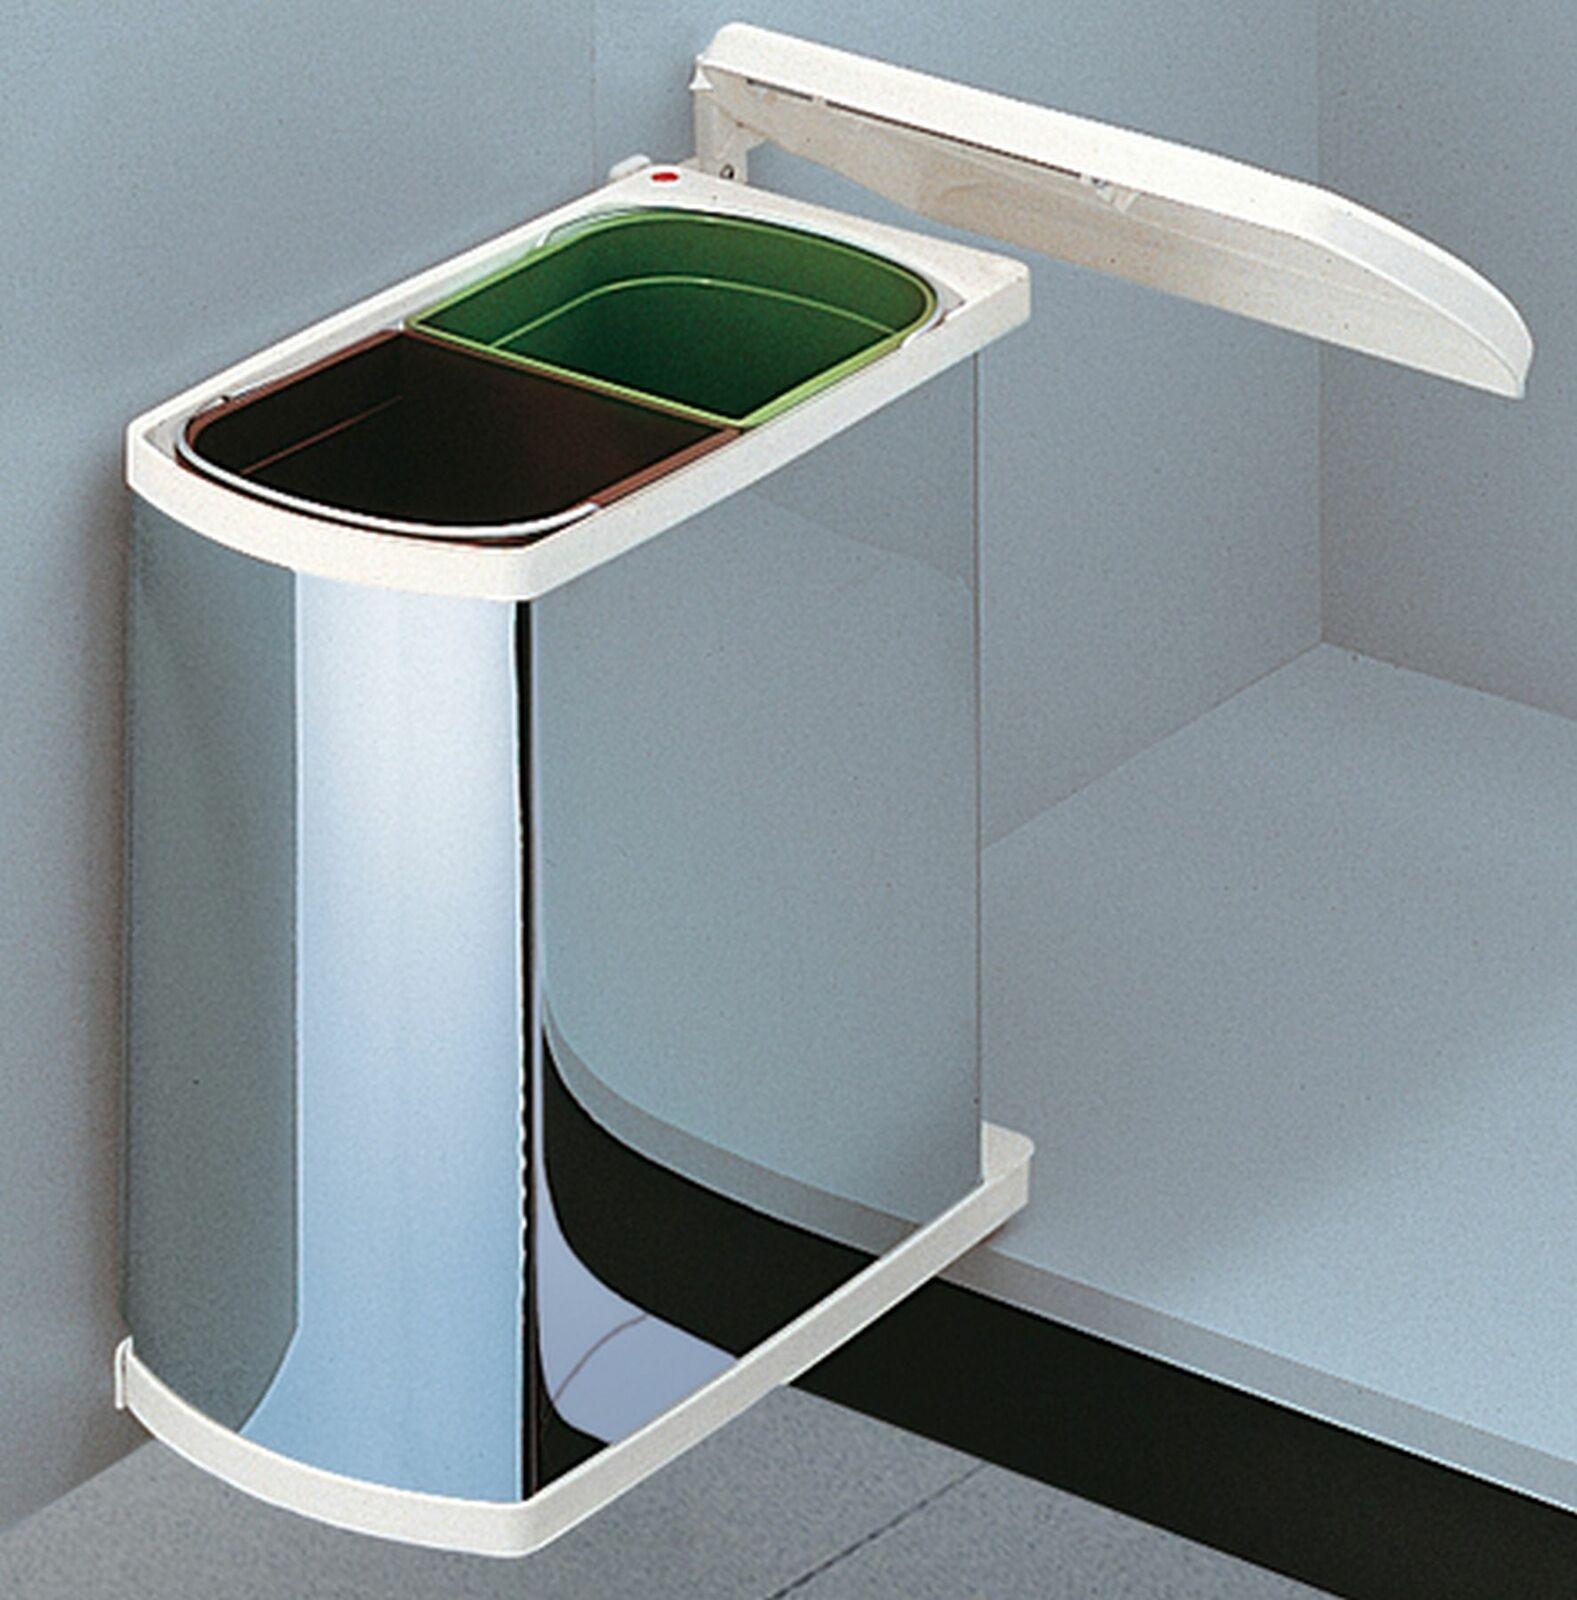 Küchen Mülleimer Mülltrennung Küche Hailo Duo Tür Müllsystem 2x8 Liter  *43426